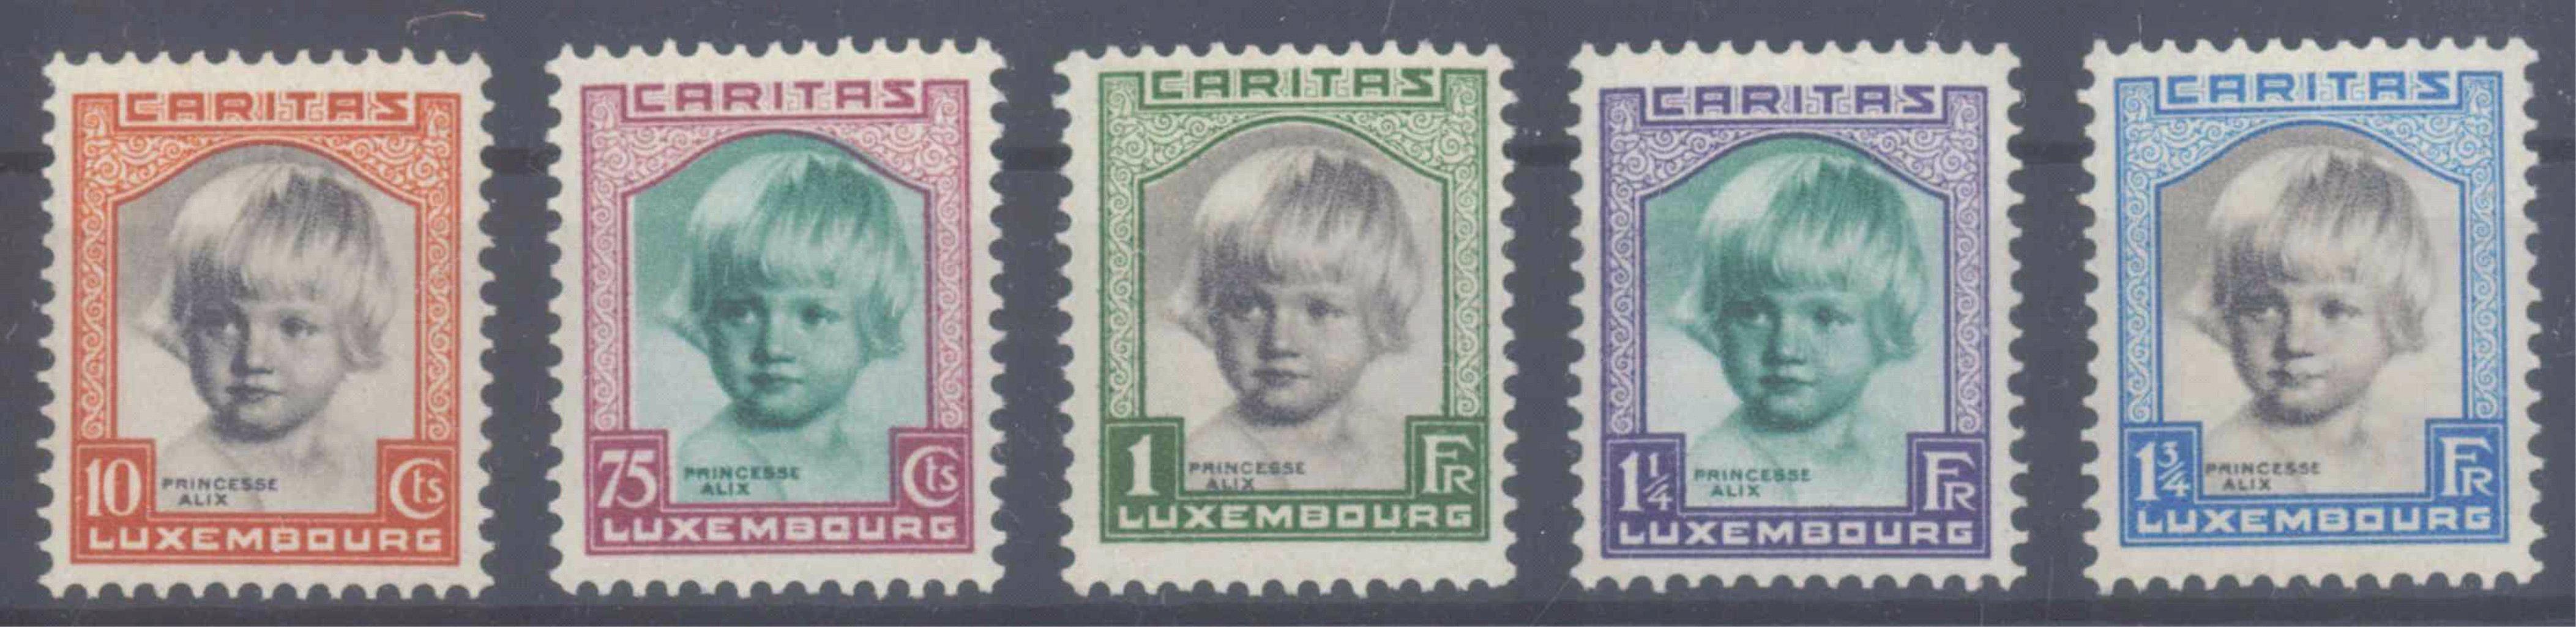 1931 LUXEMBURG, Kinderhilfe